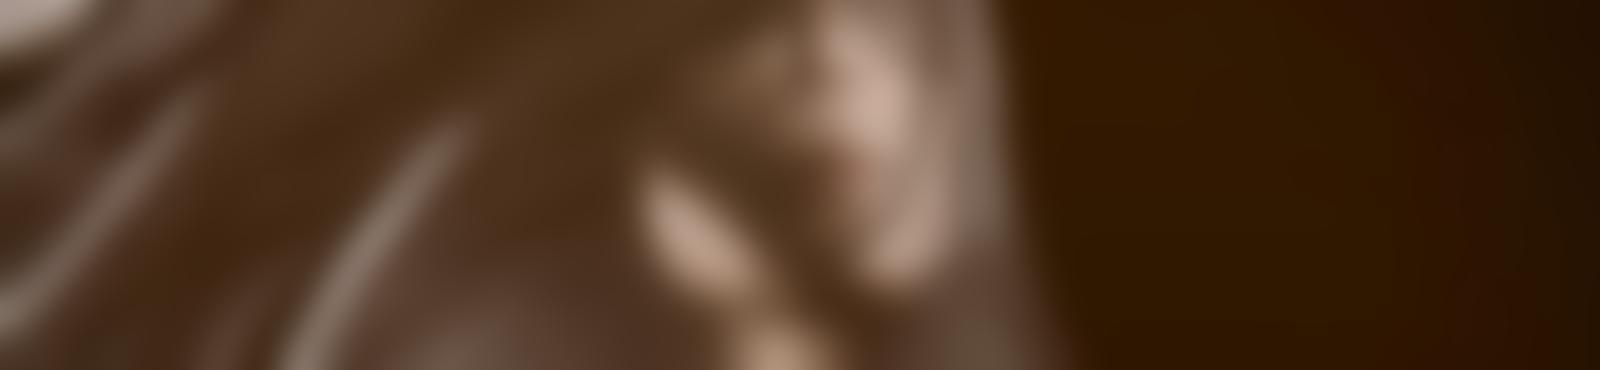 Blurred eec14301 3731 49cc 8761 e26e0a82b6bf